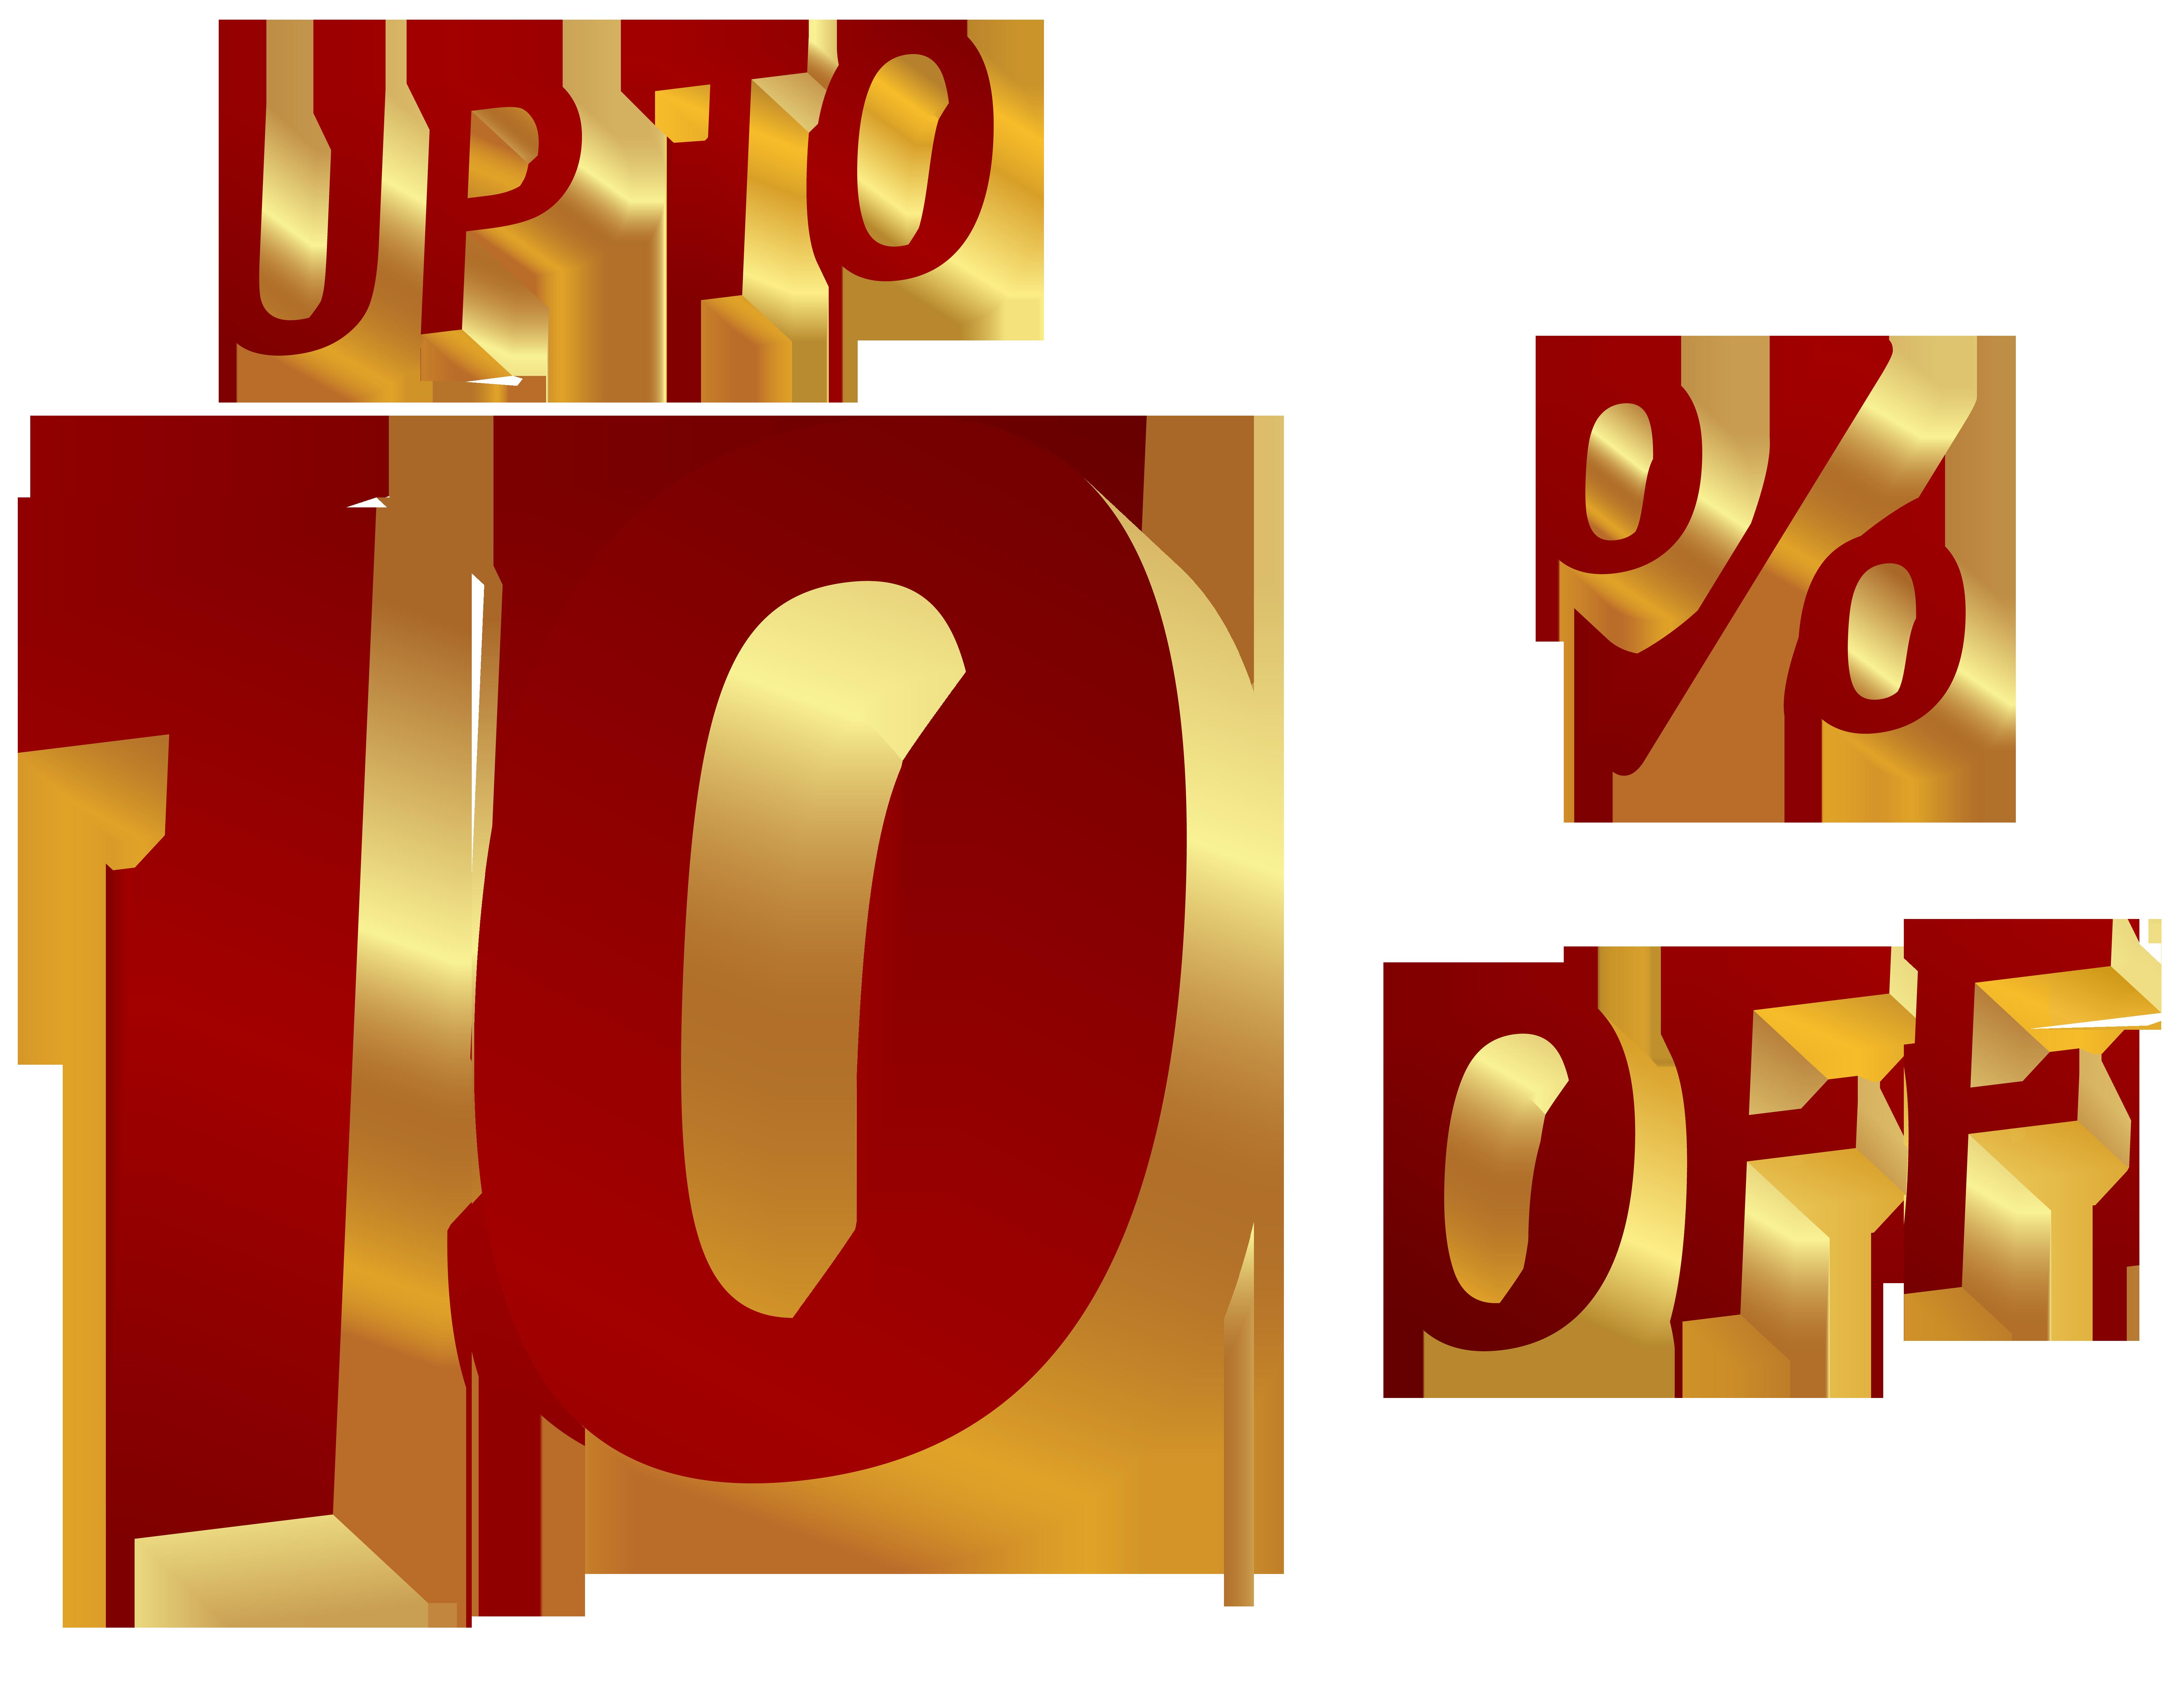 10 Percent Discount Clip Art Image.